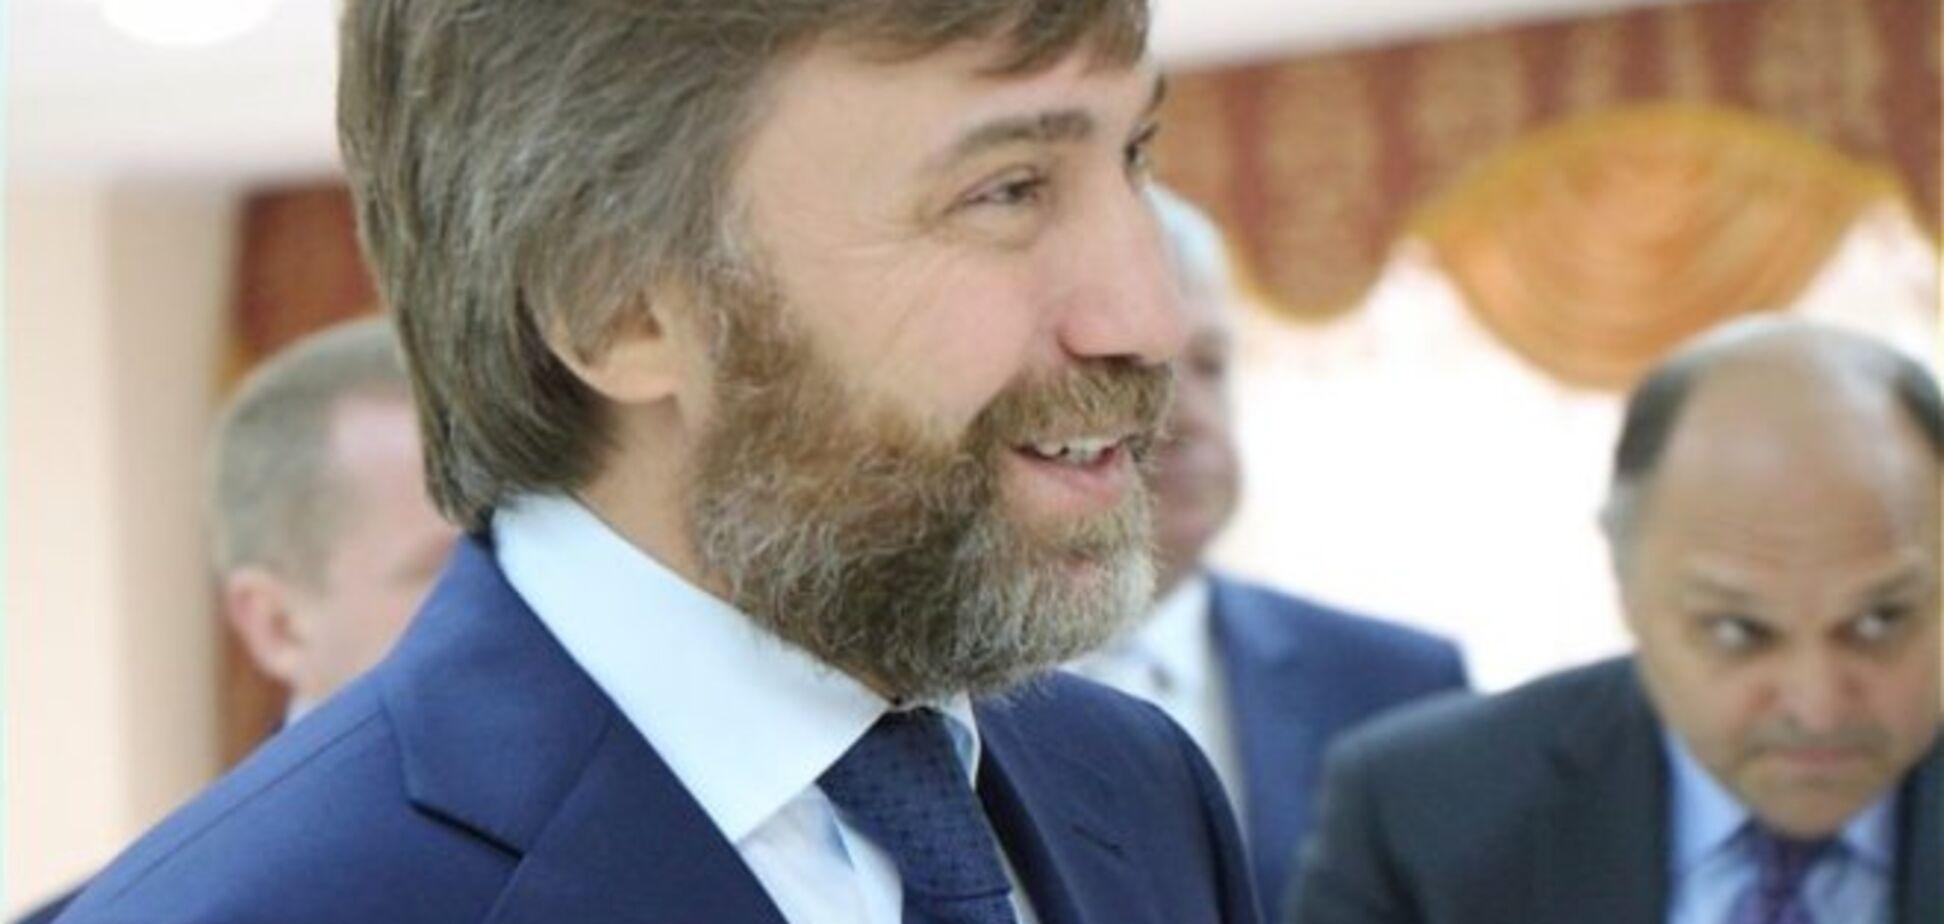 Регионала Новинского вызвали на допрос в прокуратуру